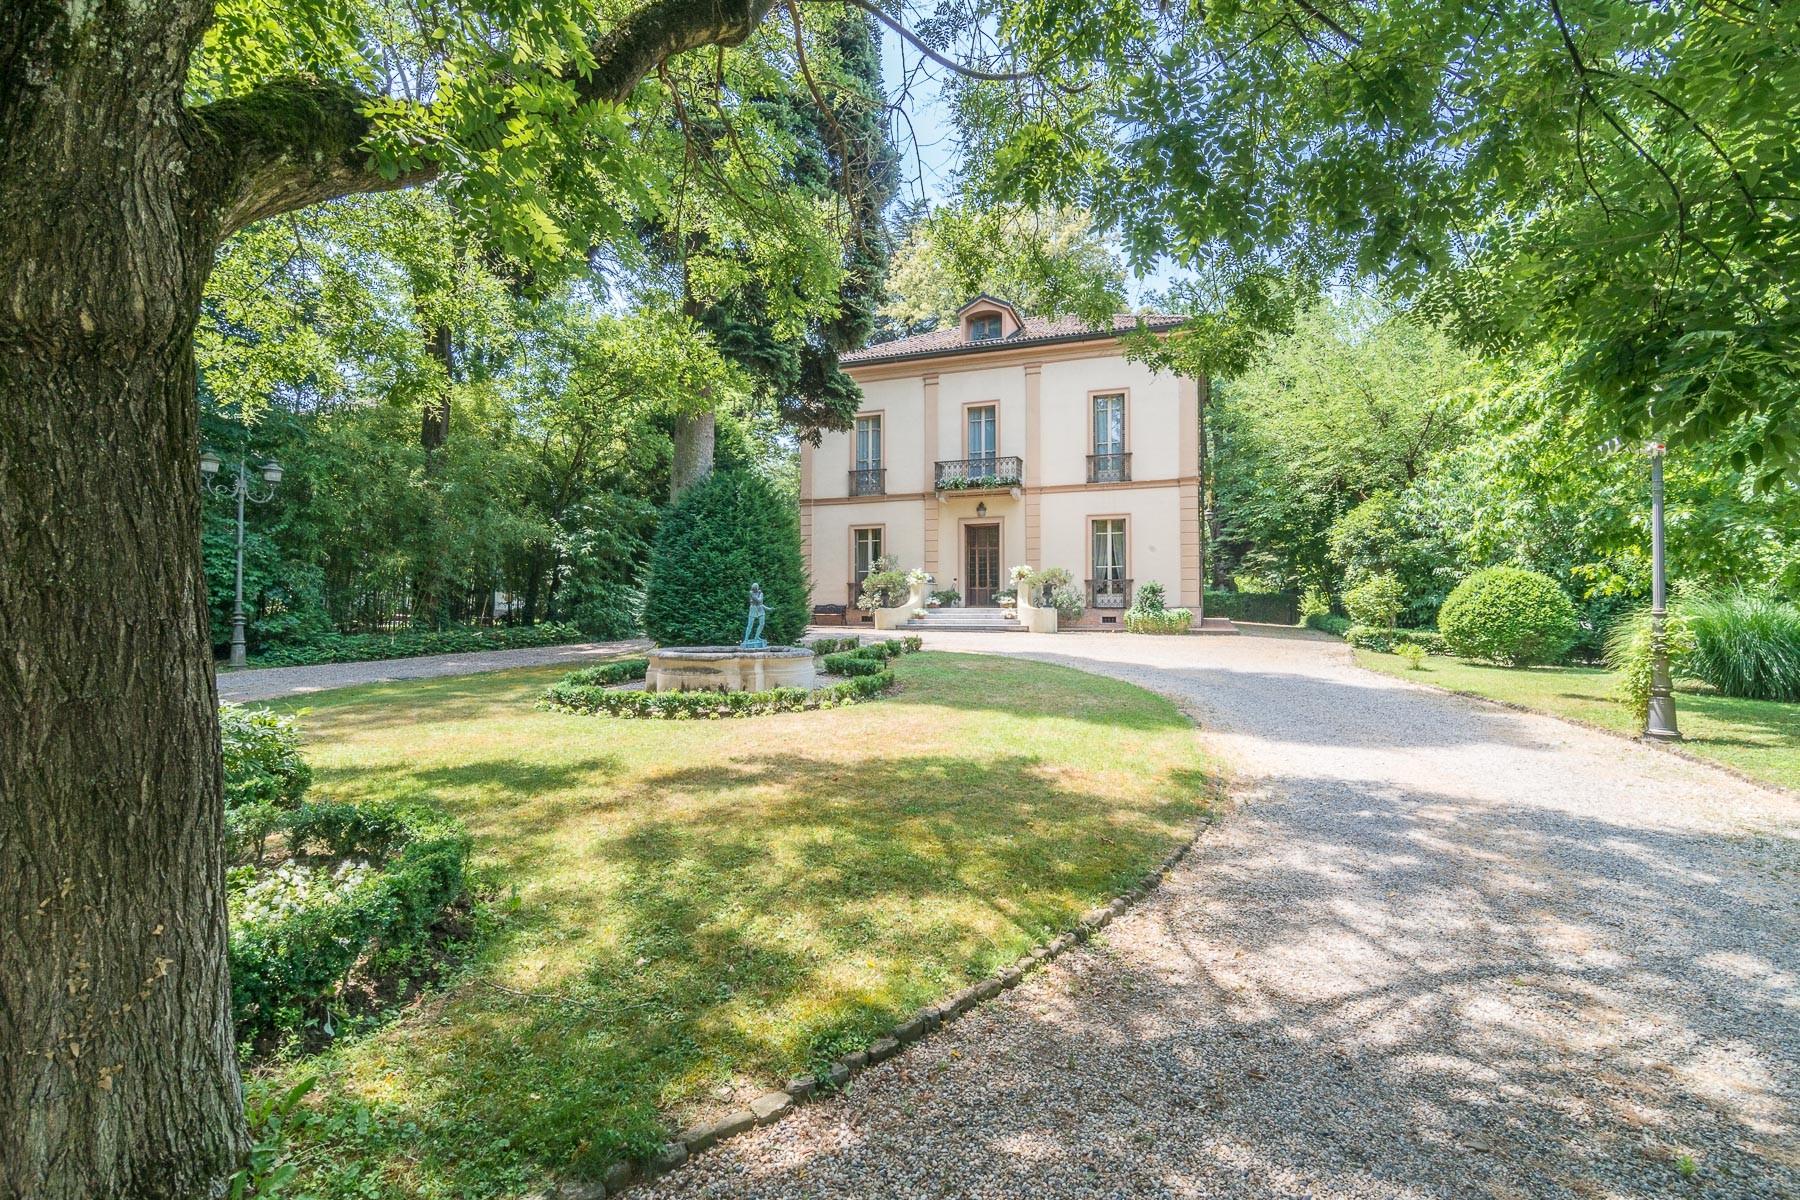 Villa in Vendita a Rivanazzano: 5 locali, 390 mq